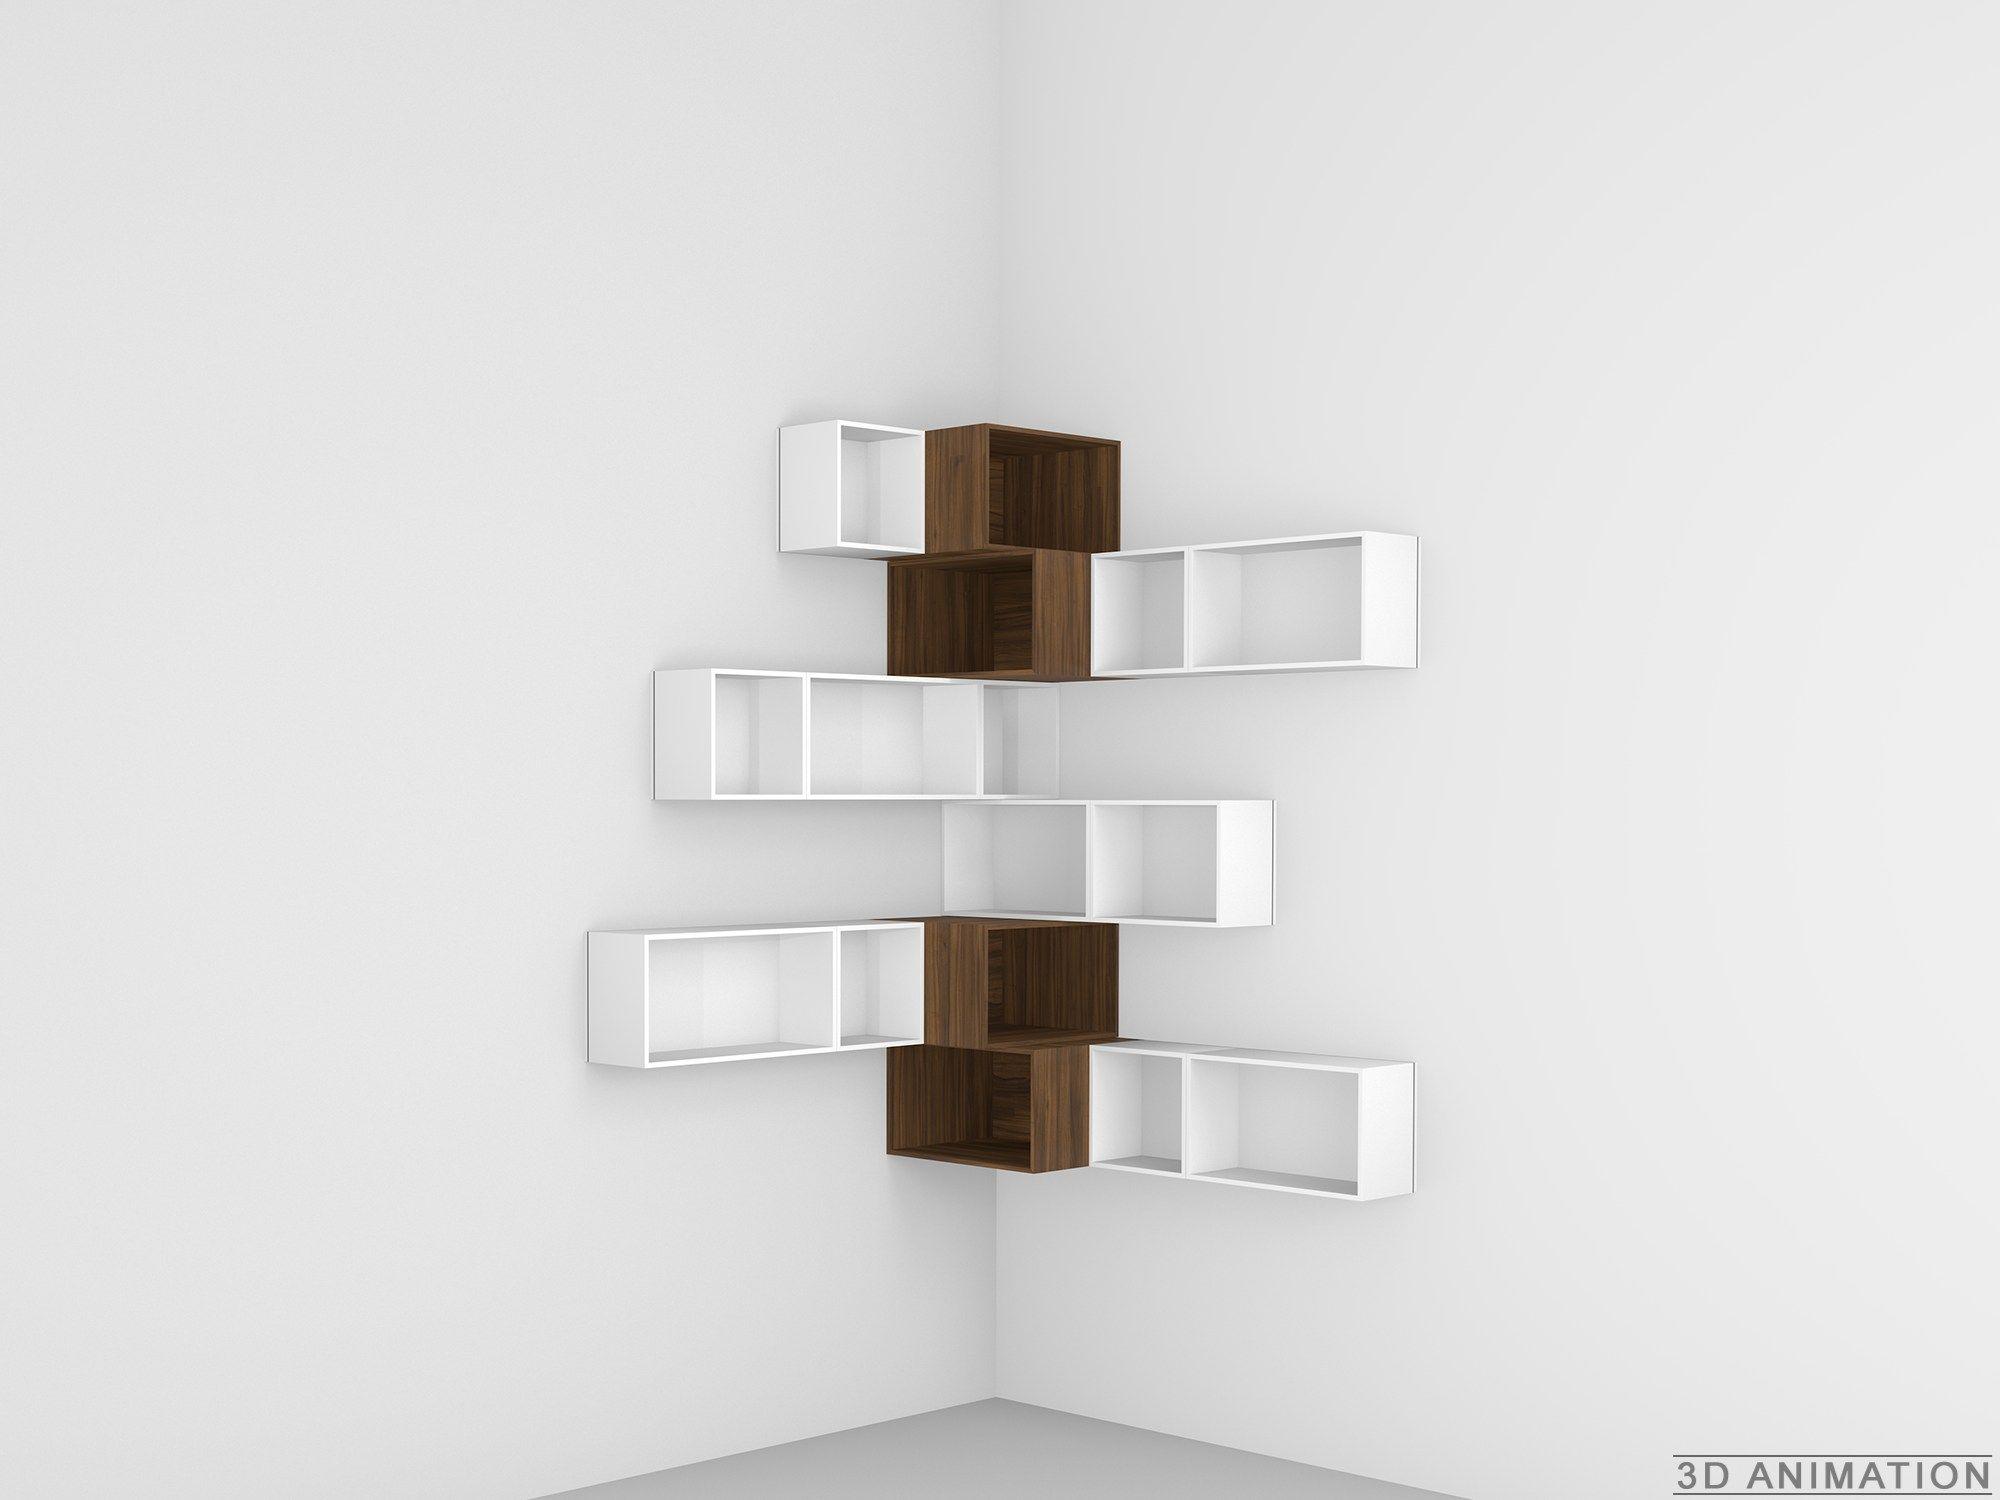 Einfache Dekoration Und Mobel Cubit Das Modulare Regal System #16: Modulares Bücherregal By Cubit By Mymito Design Cubit